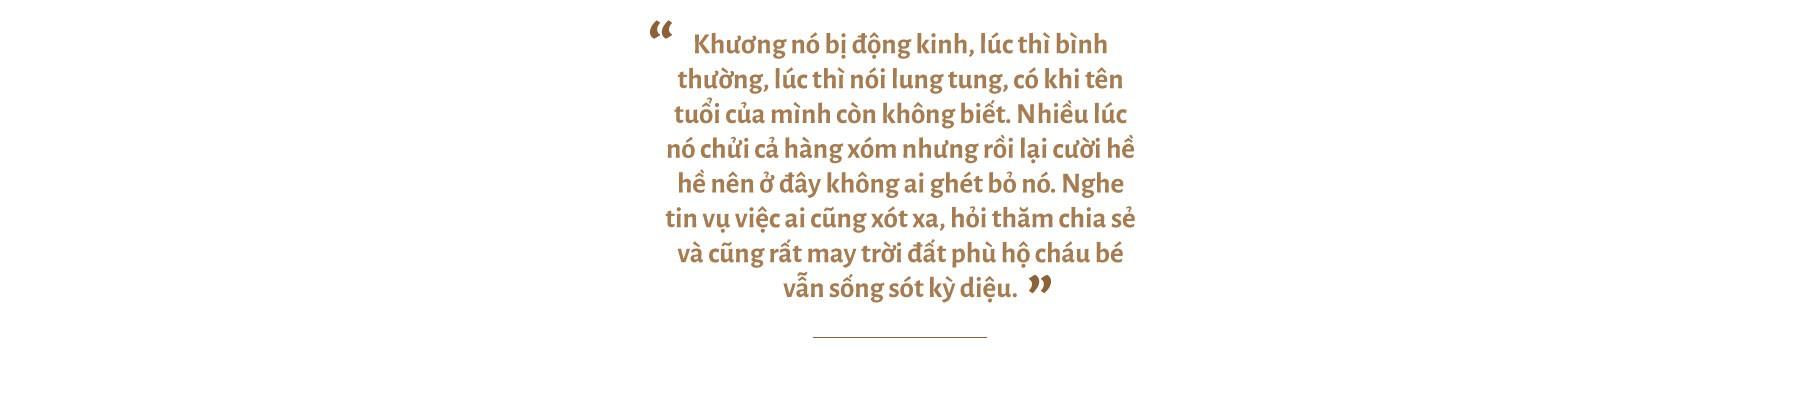 (eMagazine) - Cuộc đời khốn khổ của người mẹ chôn sống con ở Bình Thuận - Ảnh 10.